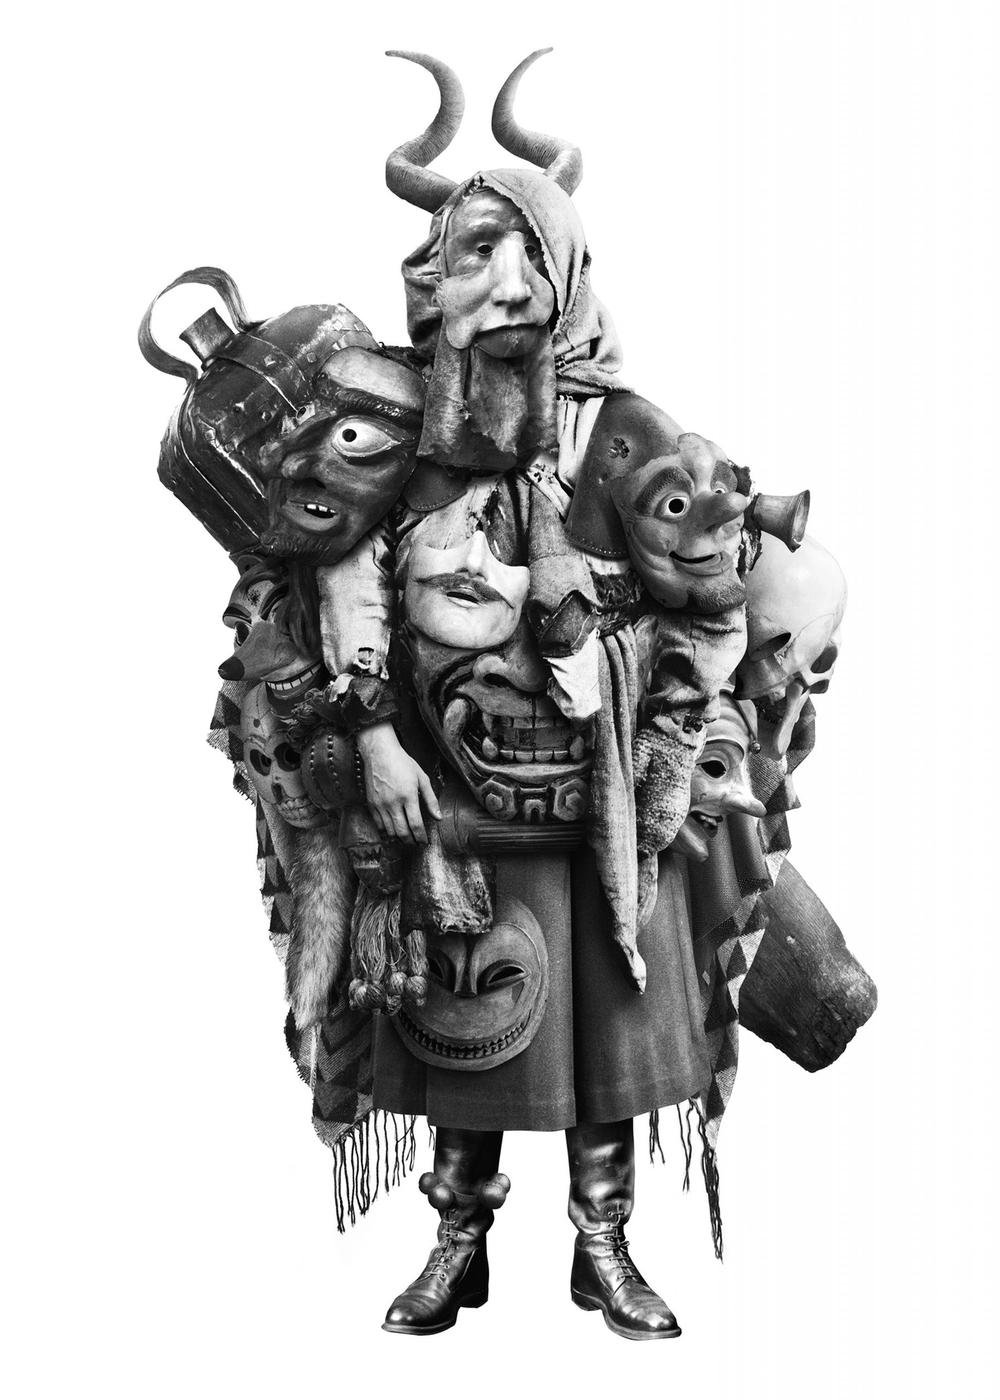 Kunstwerk Der Maskenhändler von Steve Braun